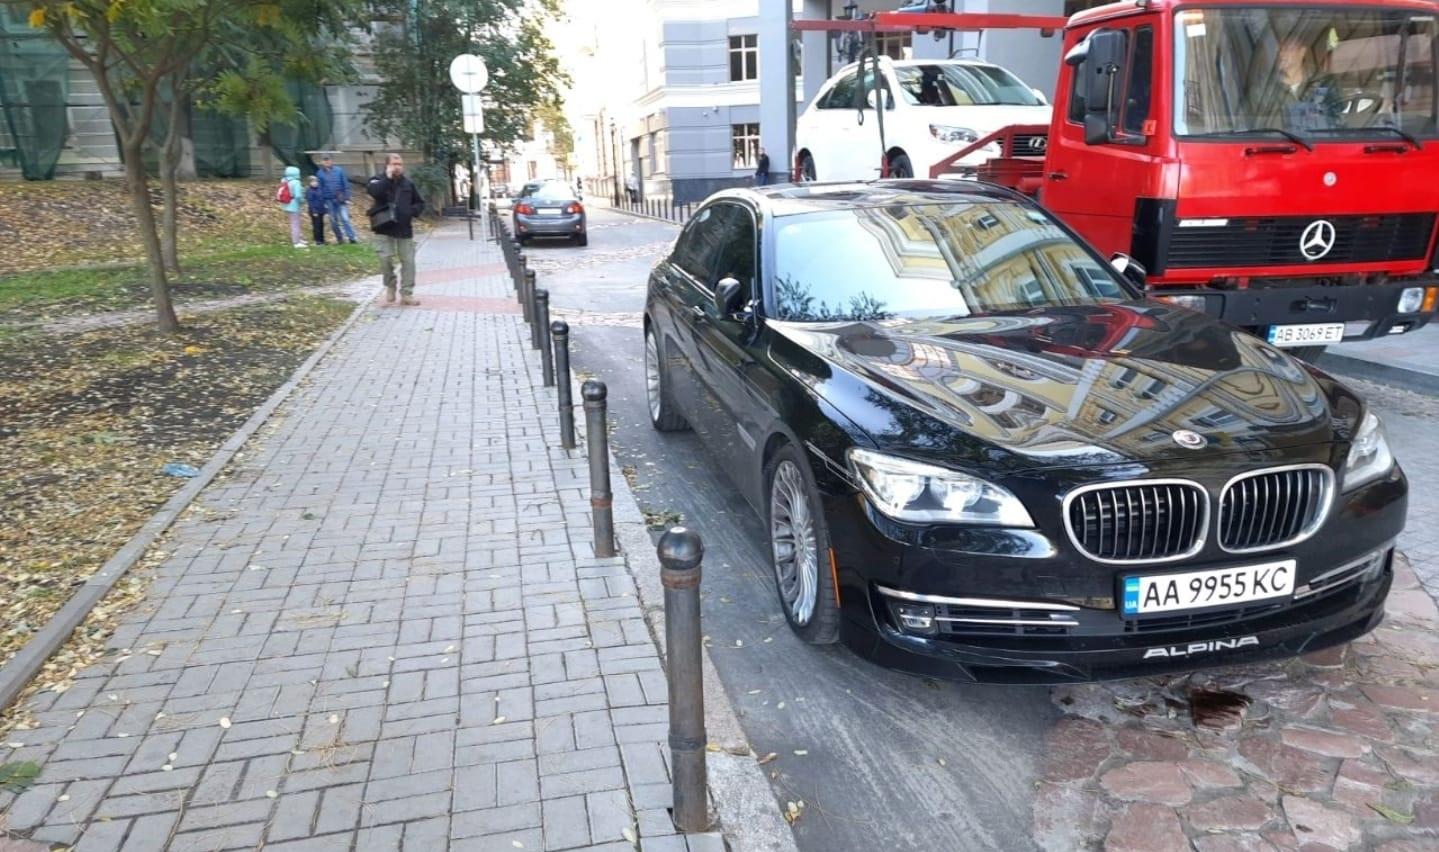 Авто депутата эвакуировали за неправильную парковку